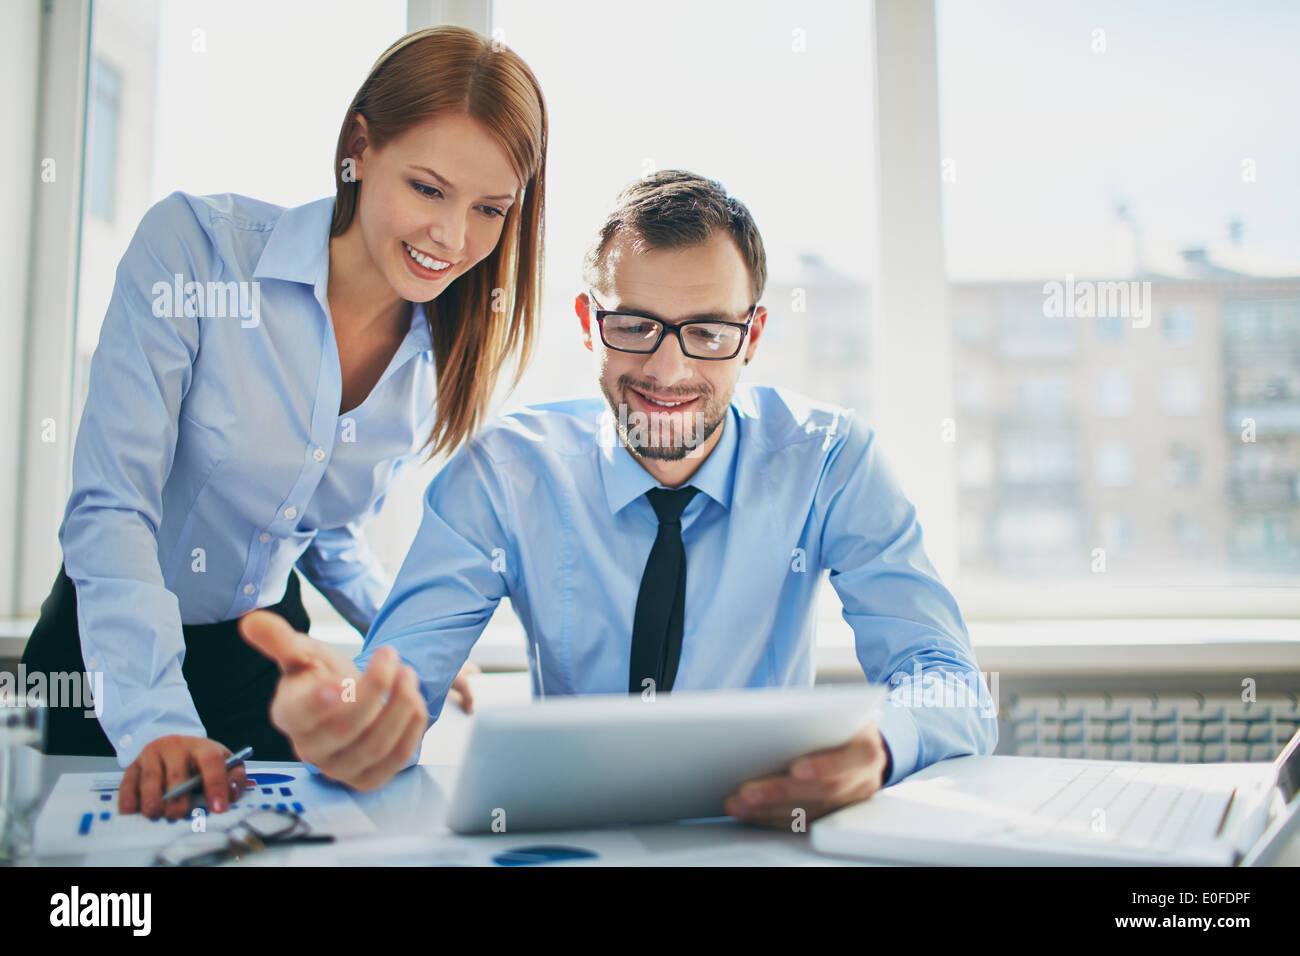 Immagine di due business di successo partner di lavoro ad una riunione in ufficio Immagini Stock